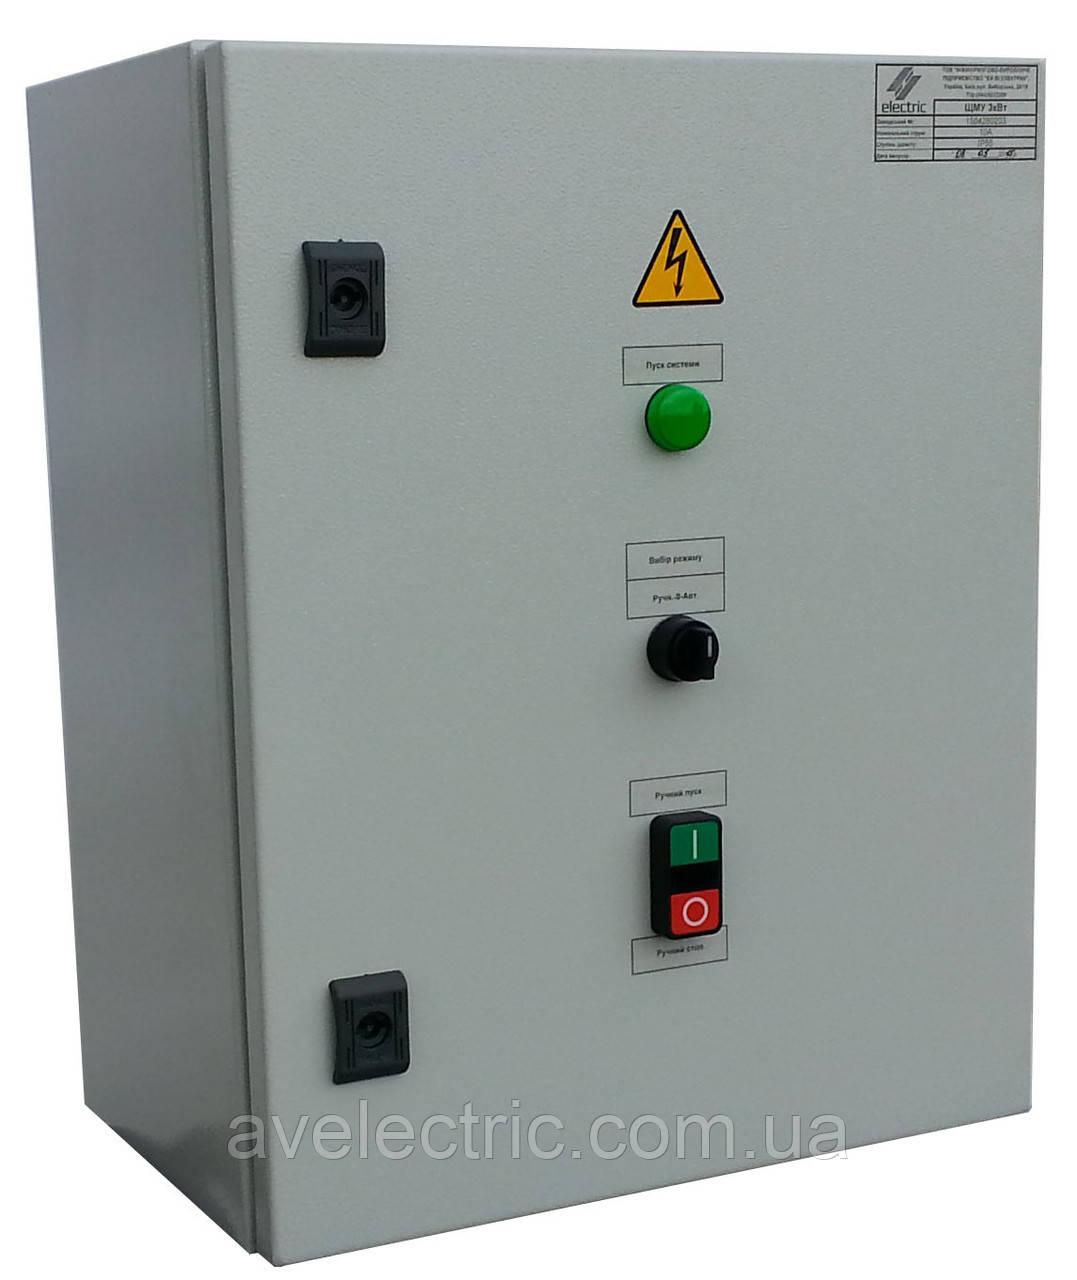 Ящик управления электродвигателем Я5410-2274-54У3